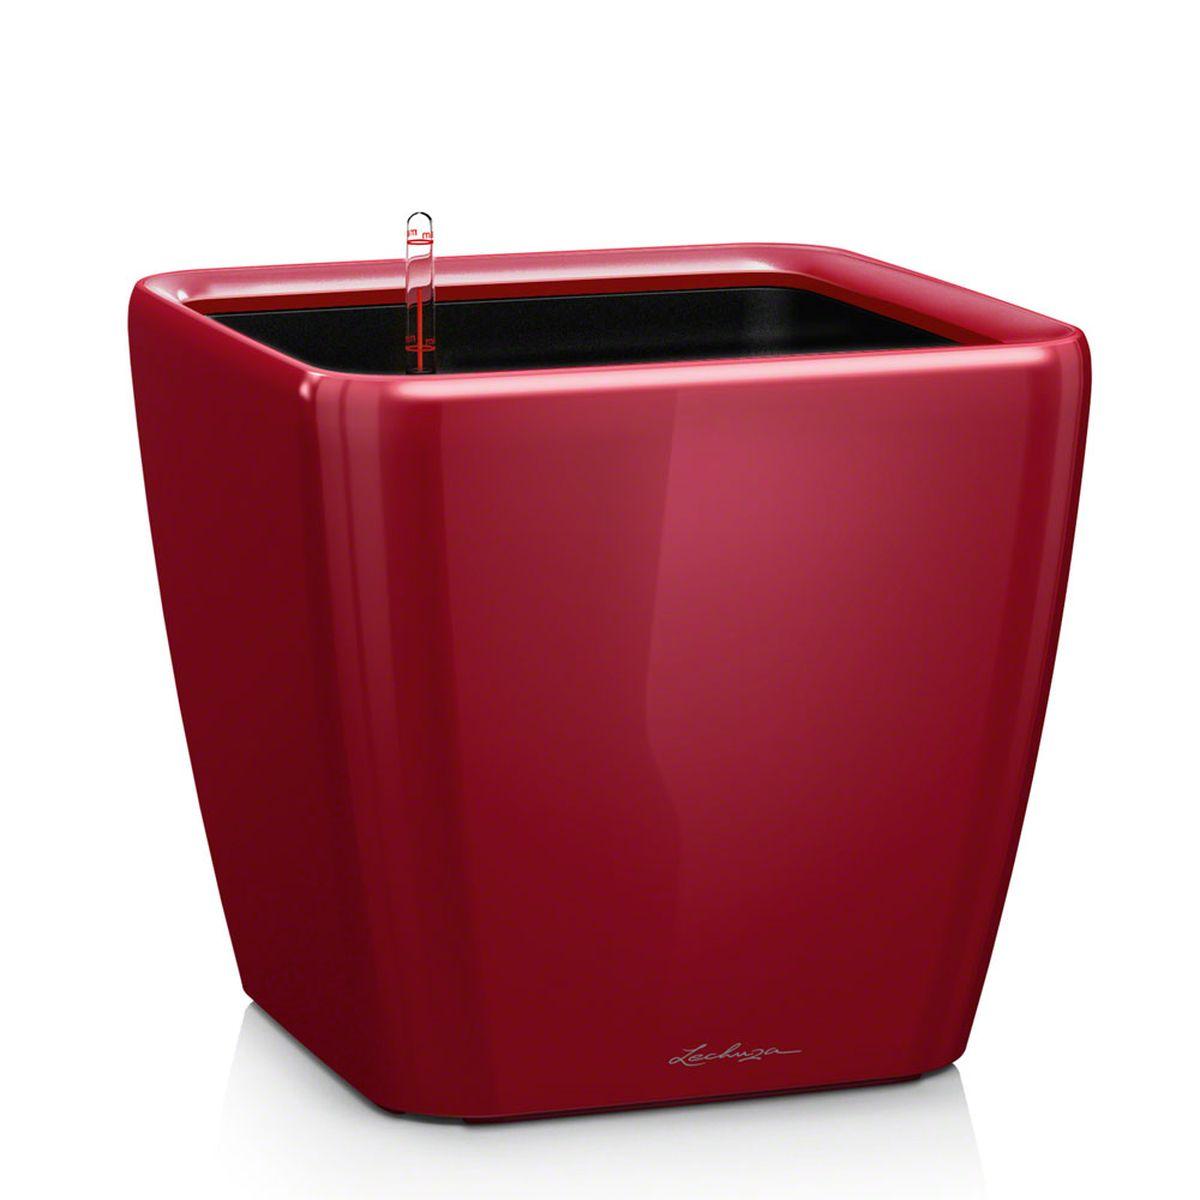 Кашпо Lechuza Quadro, с системой автополива, цвет: красный, 21 х 21 х 20 см16127Кашпо Lechuza Quadro, выполненное из высококачественного пластика, имеет уникальную систему автополива, благодаря которой корневая система растения непрерывно снабжается влагой из резервуара. Уровень воды в резервуаре контролируется с помощью специального индикатора. В зависимости от размера кашпо и растения воды хватает на 2-12 недель. Это способствует хорошему росту цветов и предотвращает переувлажнение. В набор входит: кашпо, внутренний горшок с выдвижной эргономичной ручкой, индикатор уровня воды, вал подачи воды, субстрат растений в качестве дренажного слоя, резервуар для воды. Кашпо Lechuza Quadro прекрасно впишется в любой интерьер. Оно поможет расставить нужные акценты, а также придаст помещению вид, соответствующий вашим представлениям.